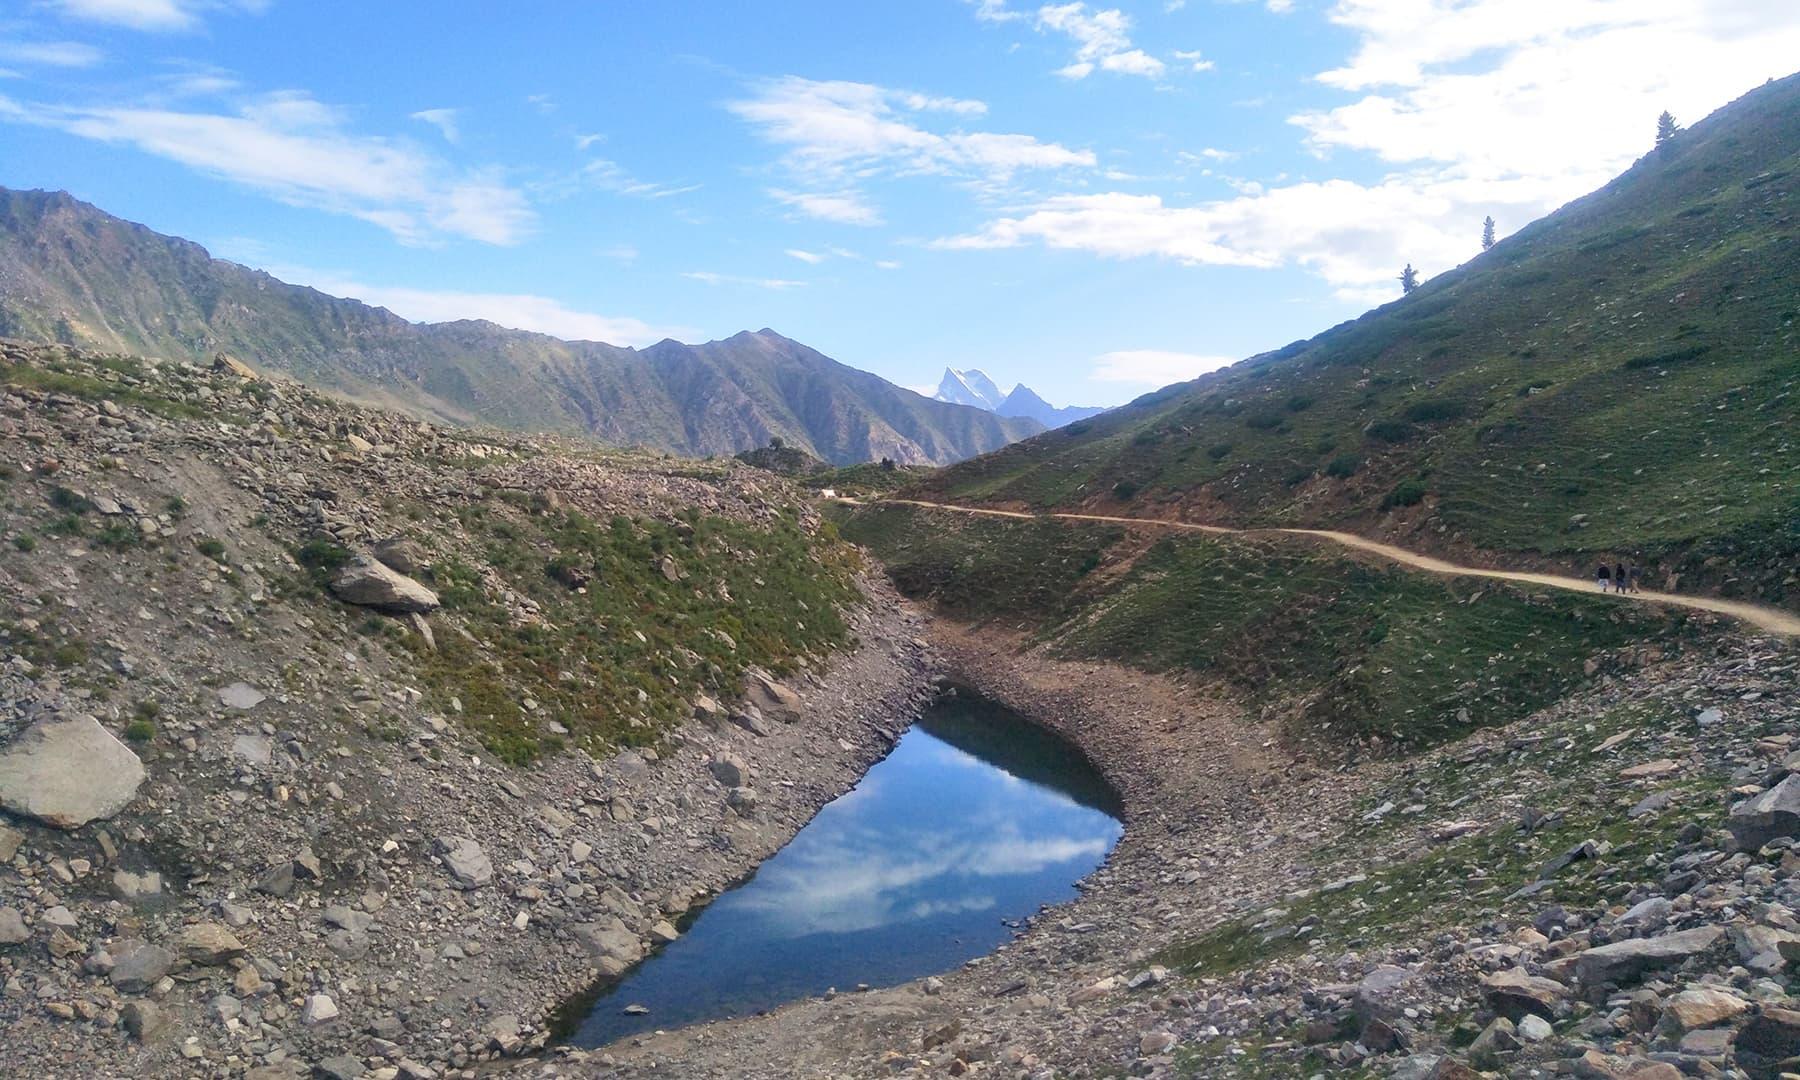 راستے میں خوبصورت کاجو کی شکل جیسی ایک چھوٹی سی جھیل—تصویر عظمت اکبر